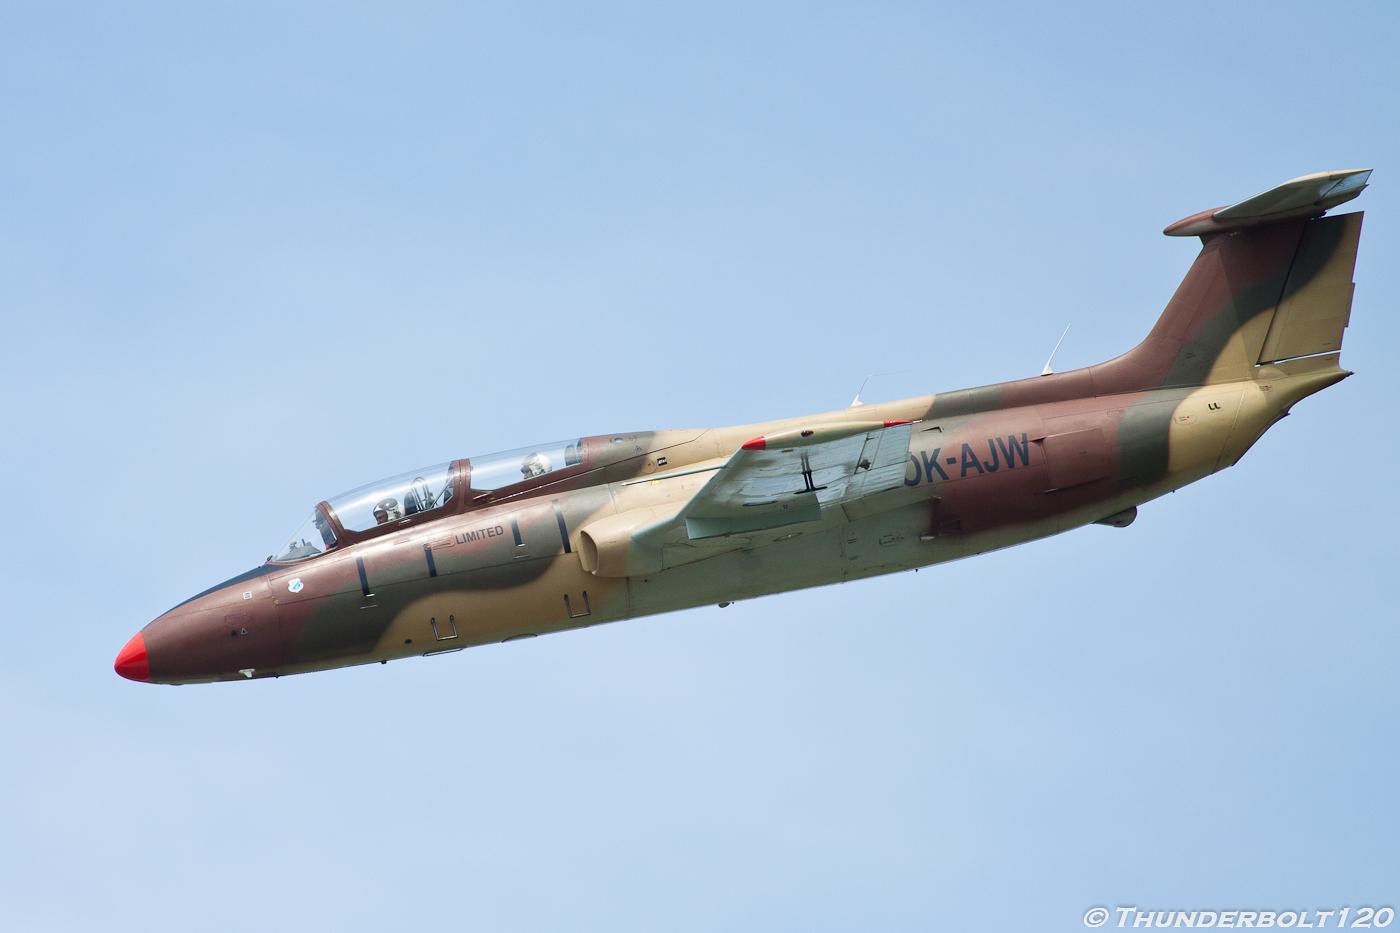 L-29 Delfin OK-AJW